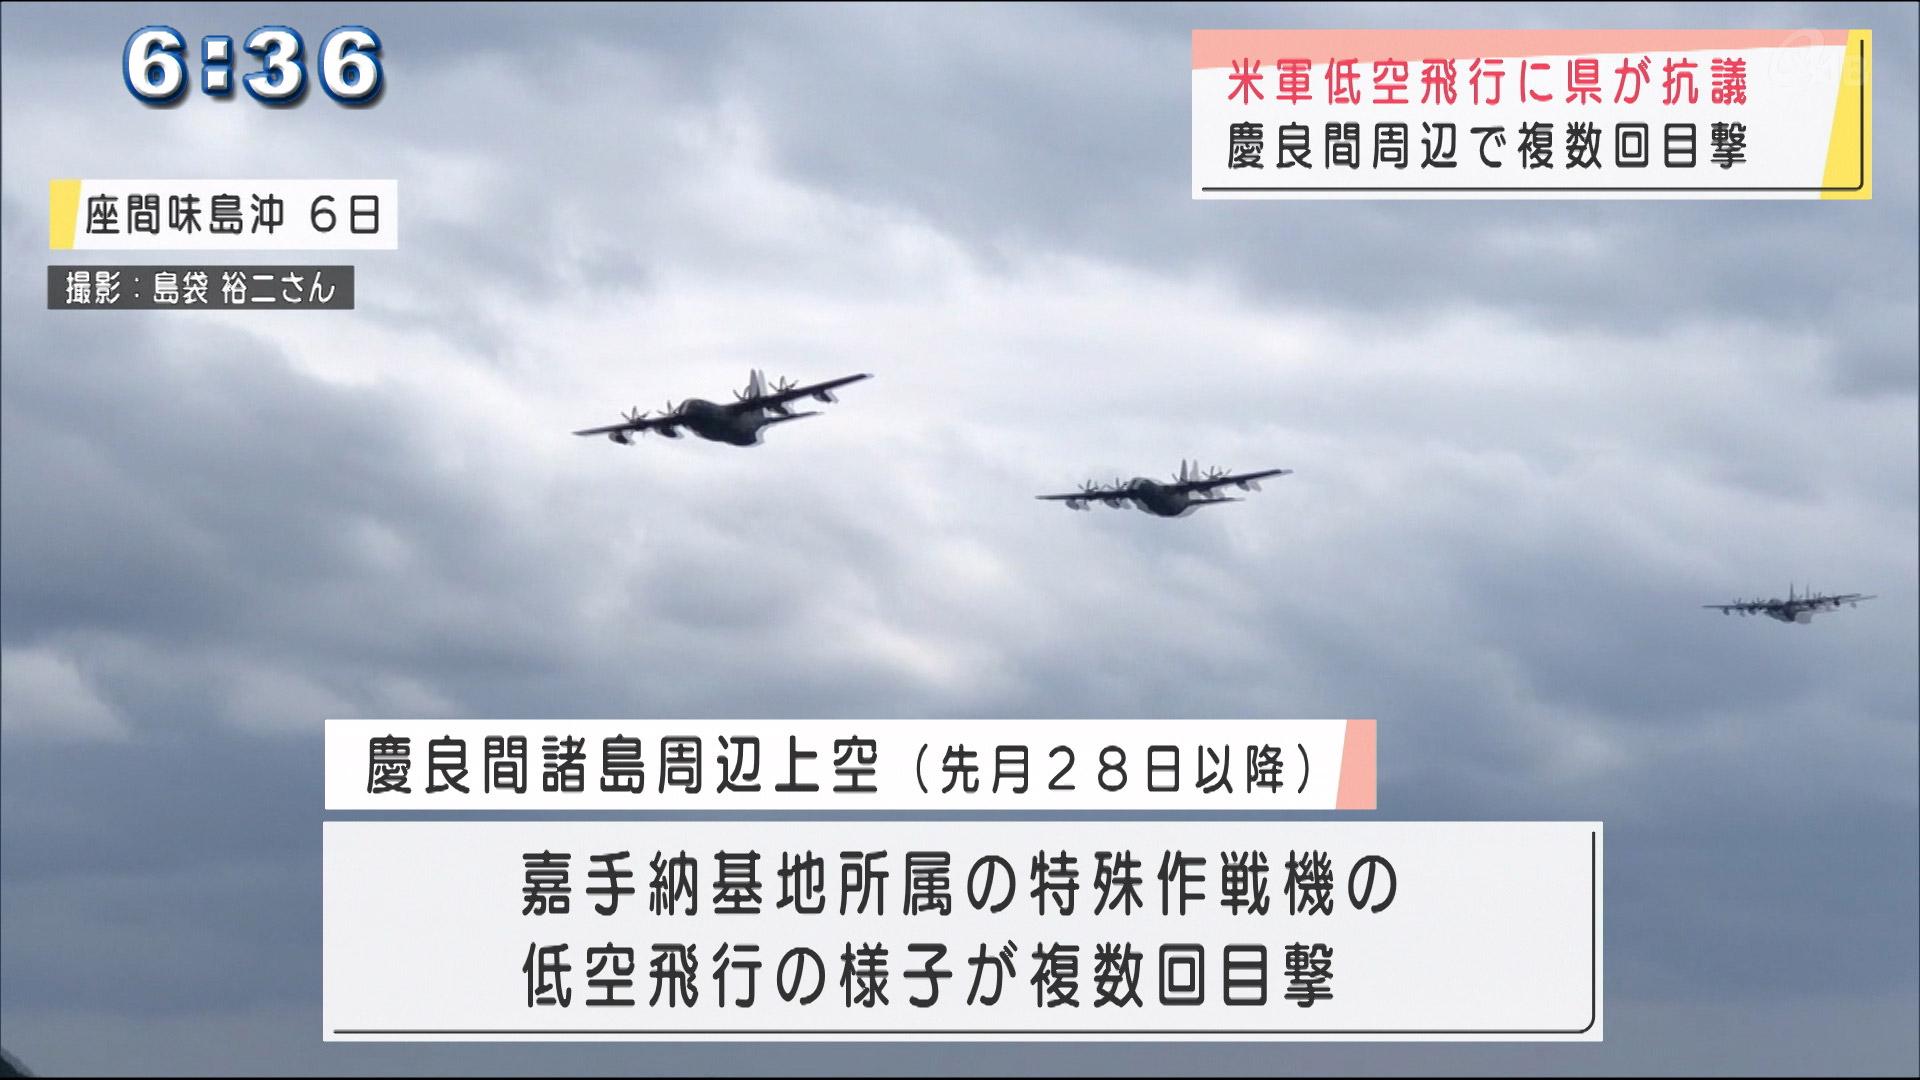 米軍低空飛行訓練に沖縄県が抗議